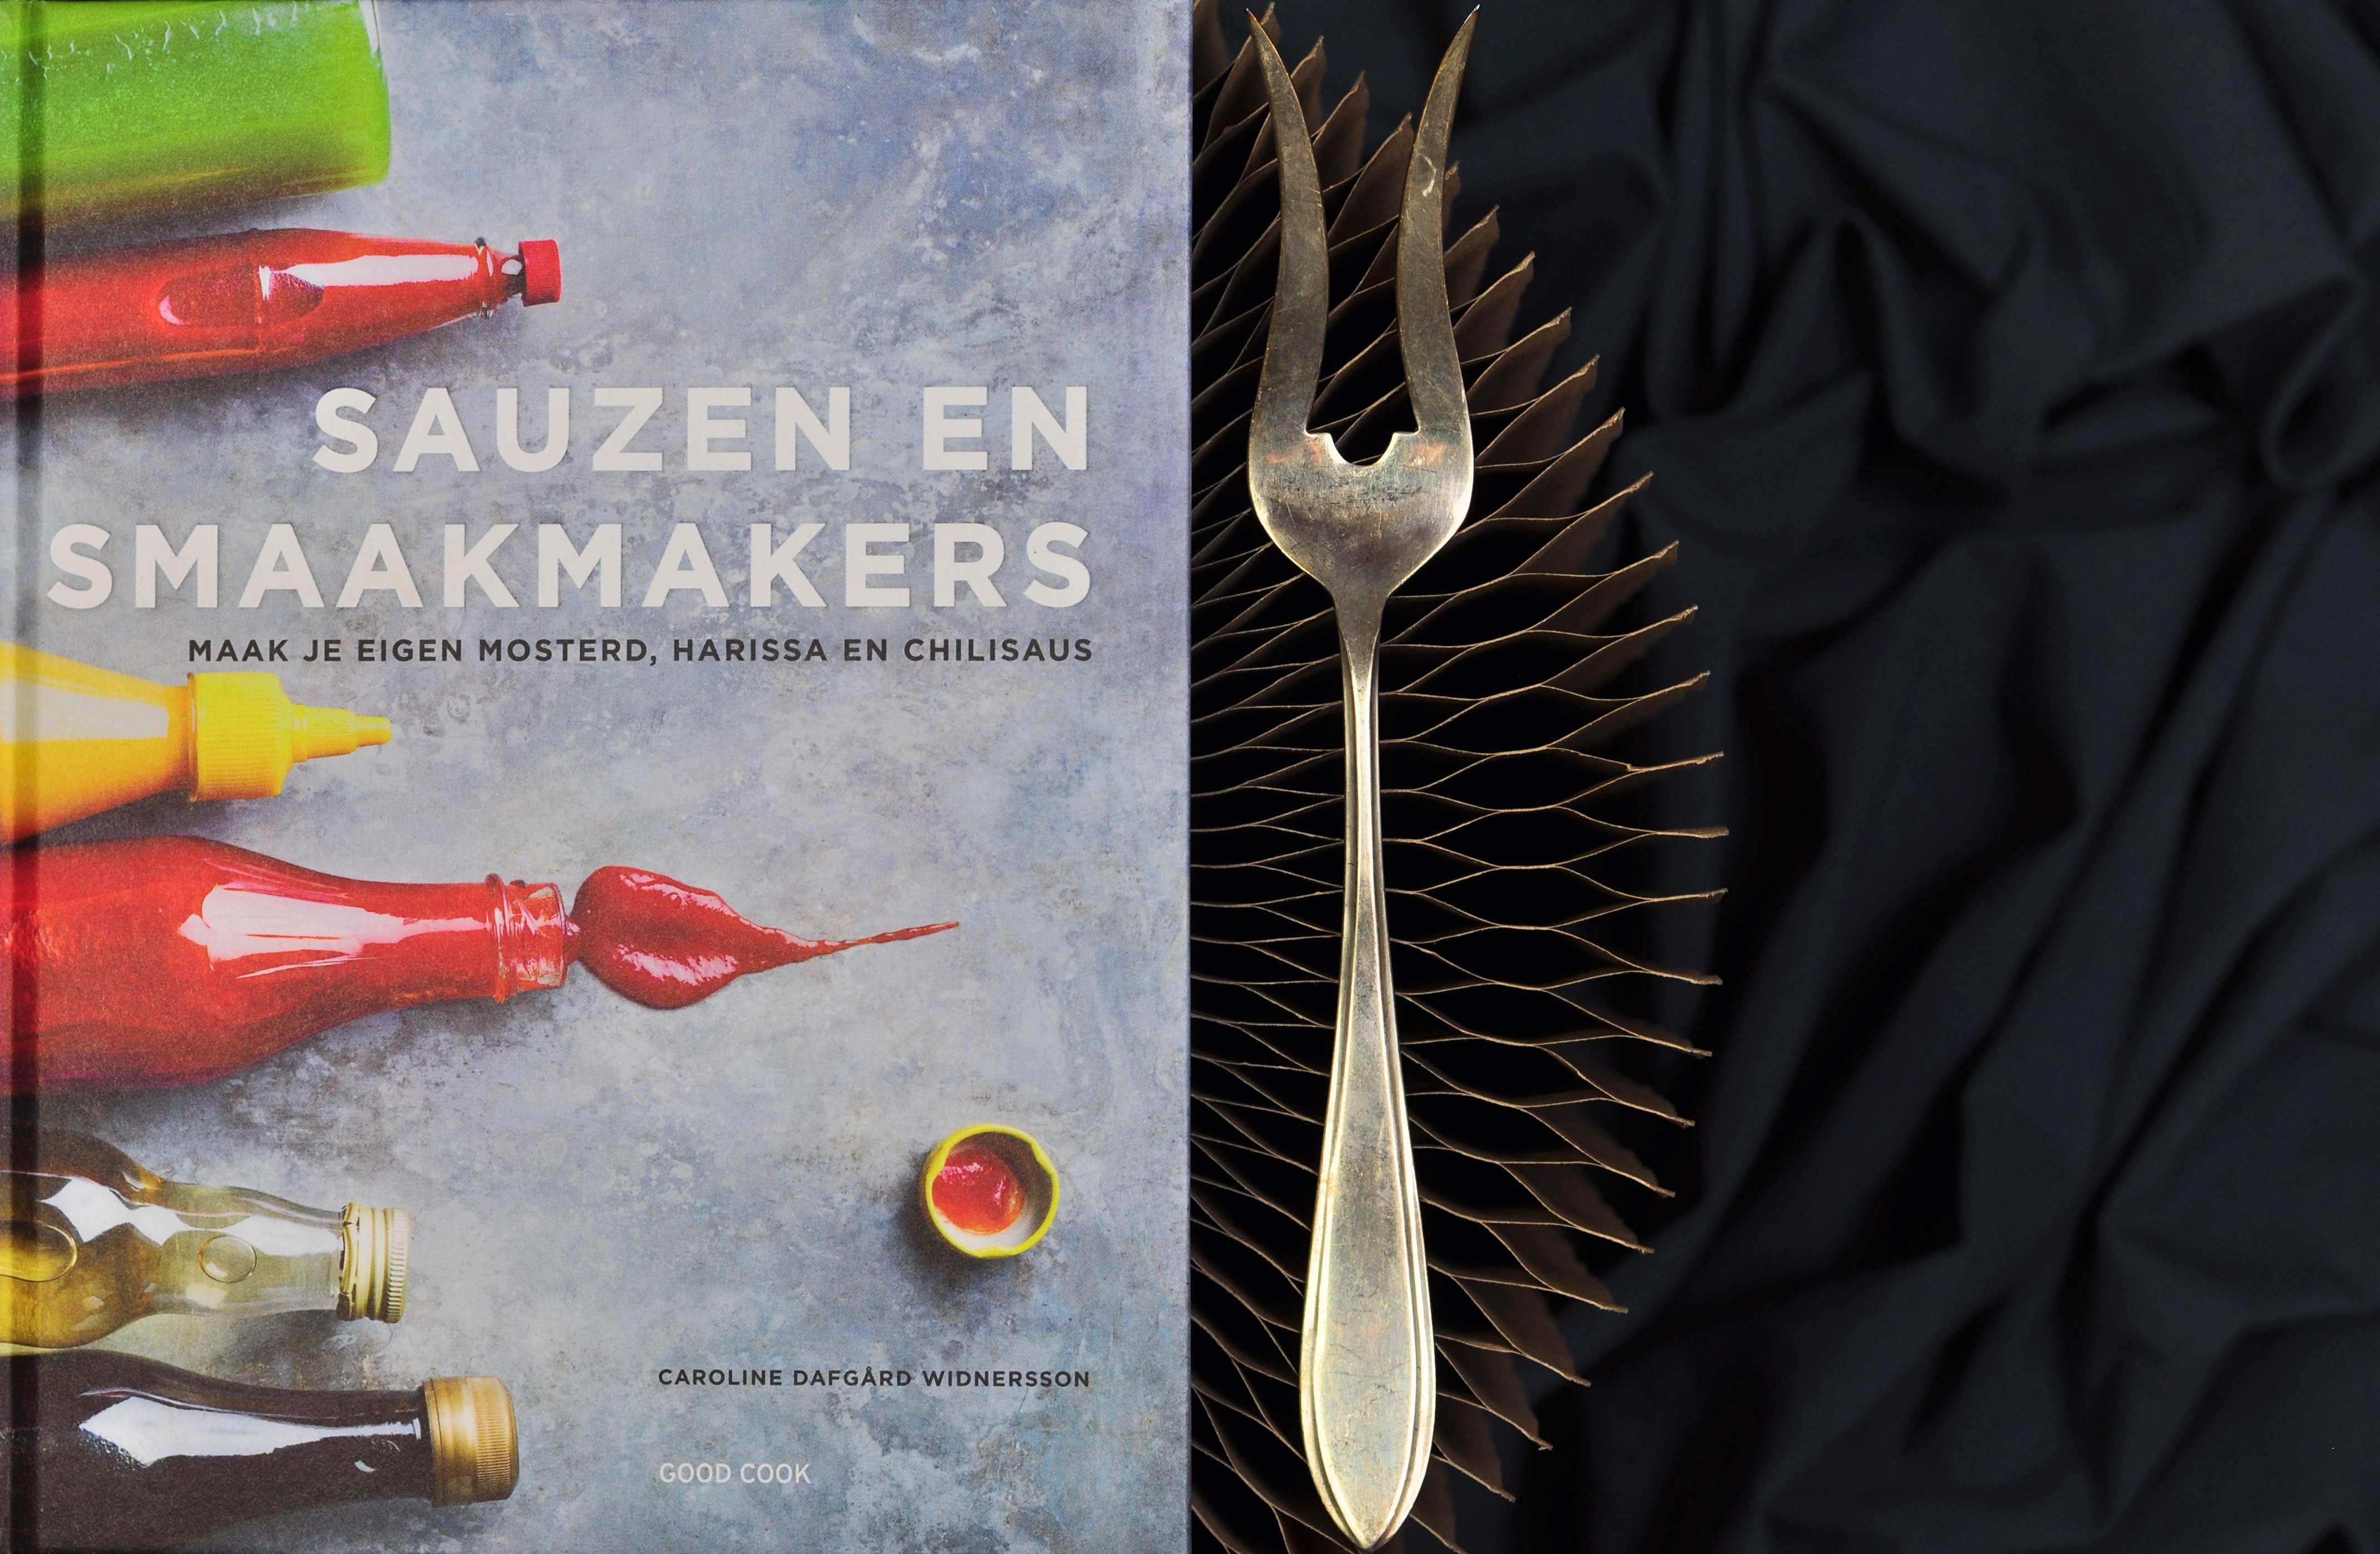 Sauzen_en_smaakmakers